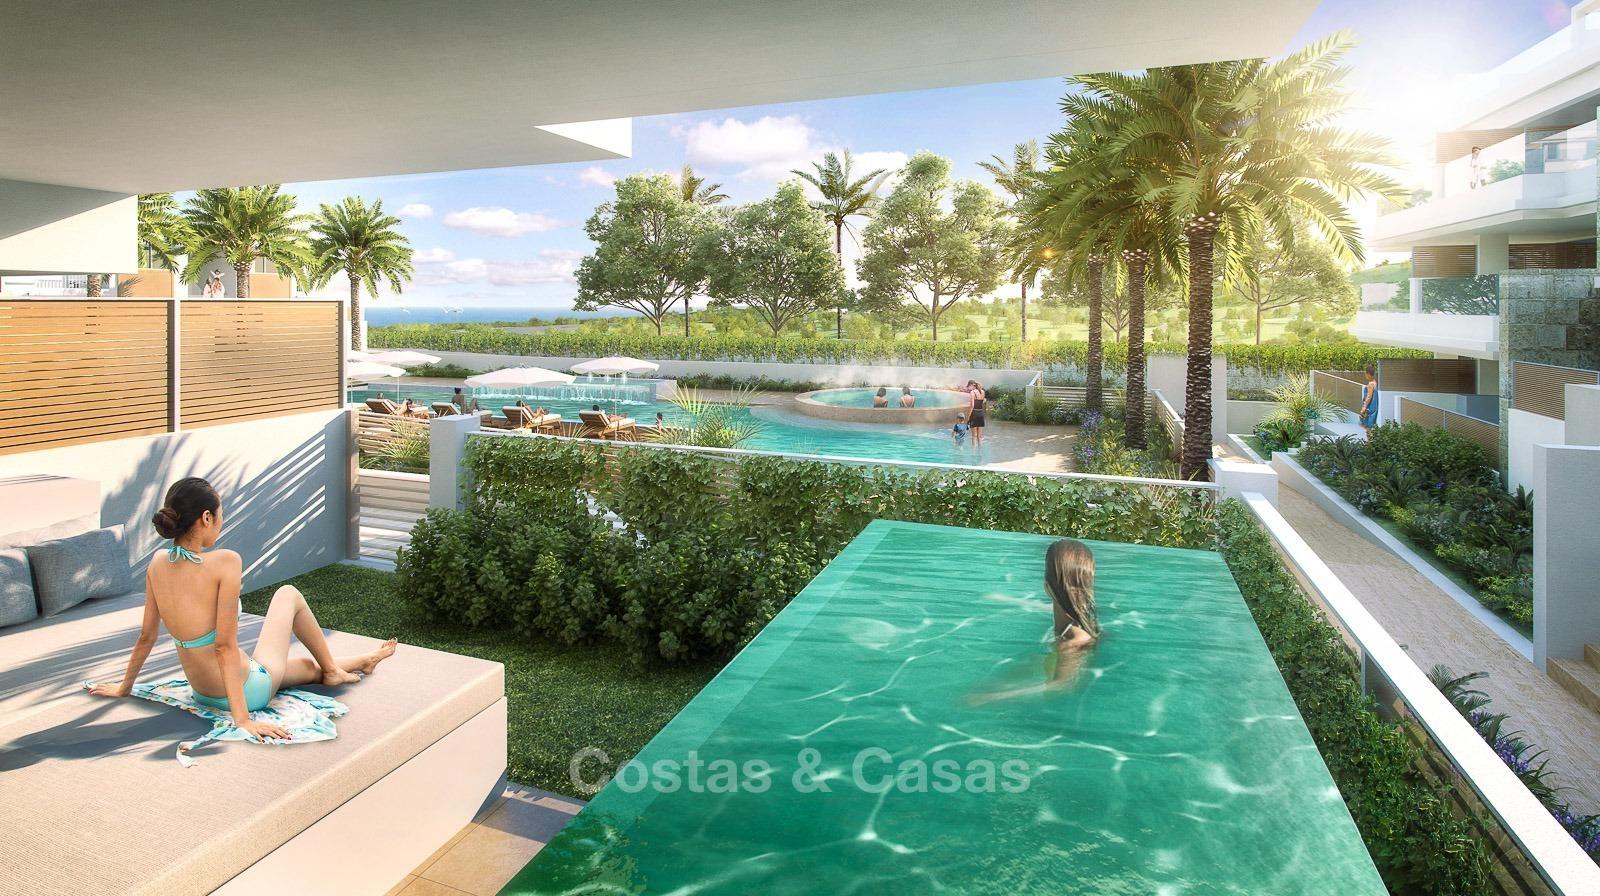 nuevos apartamentos con piscina privada en venta mijas